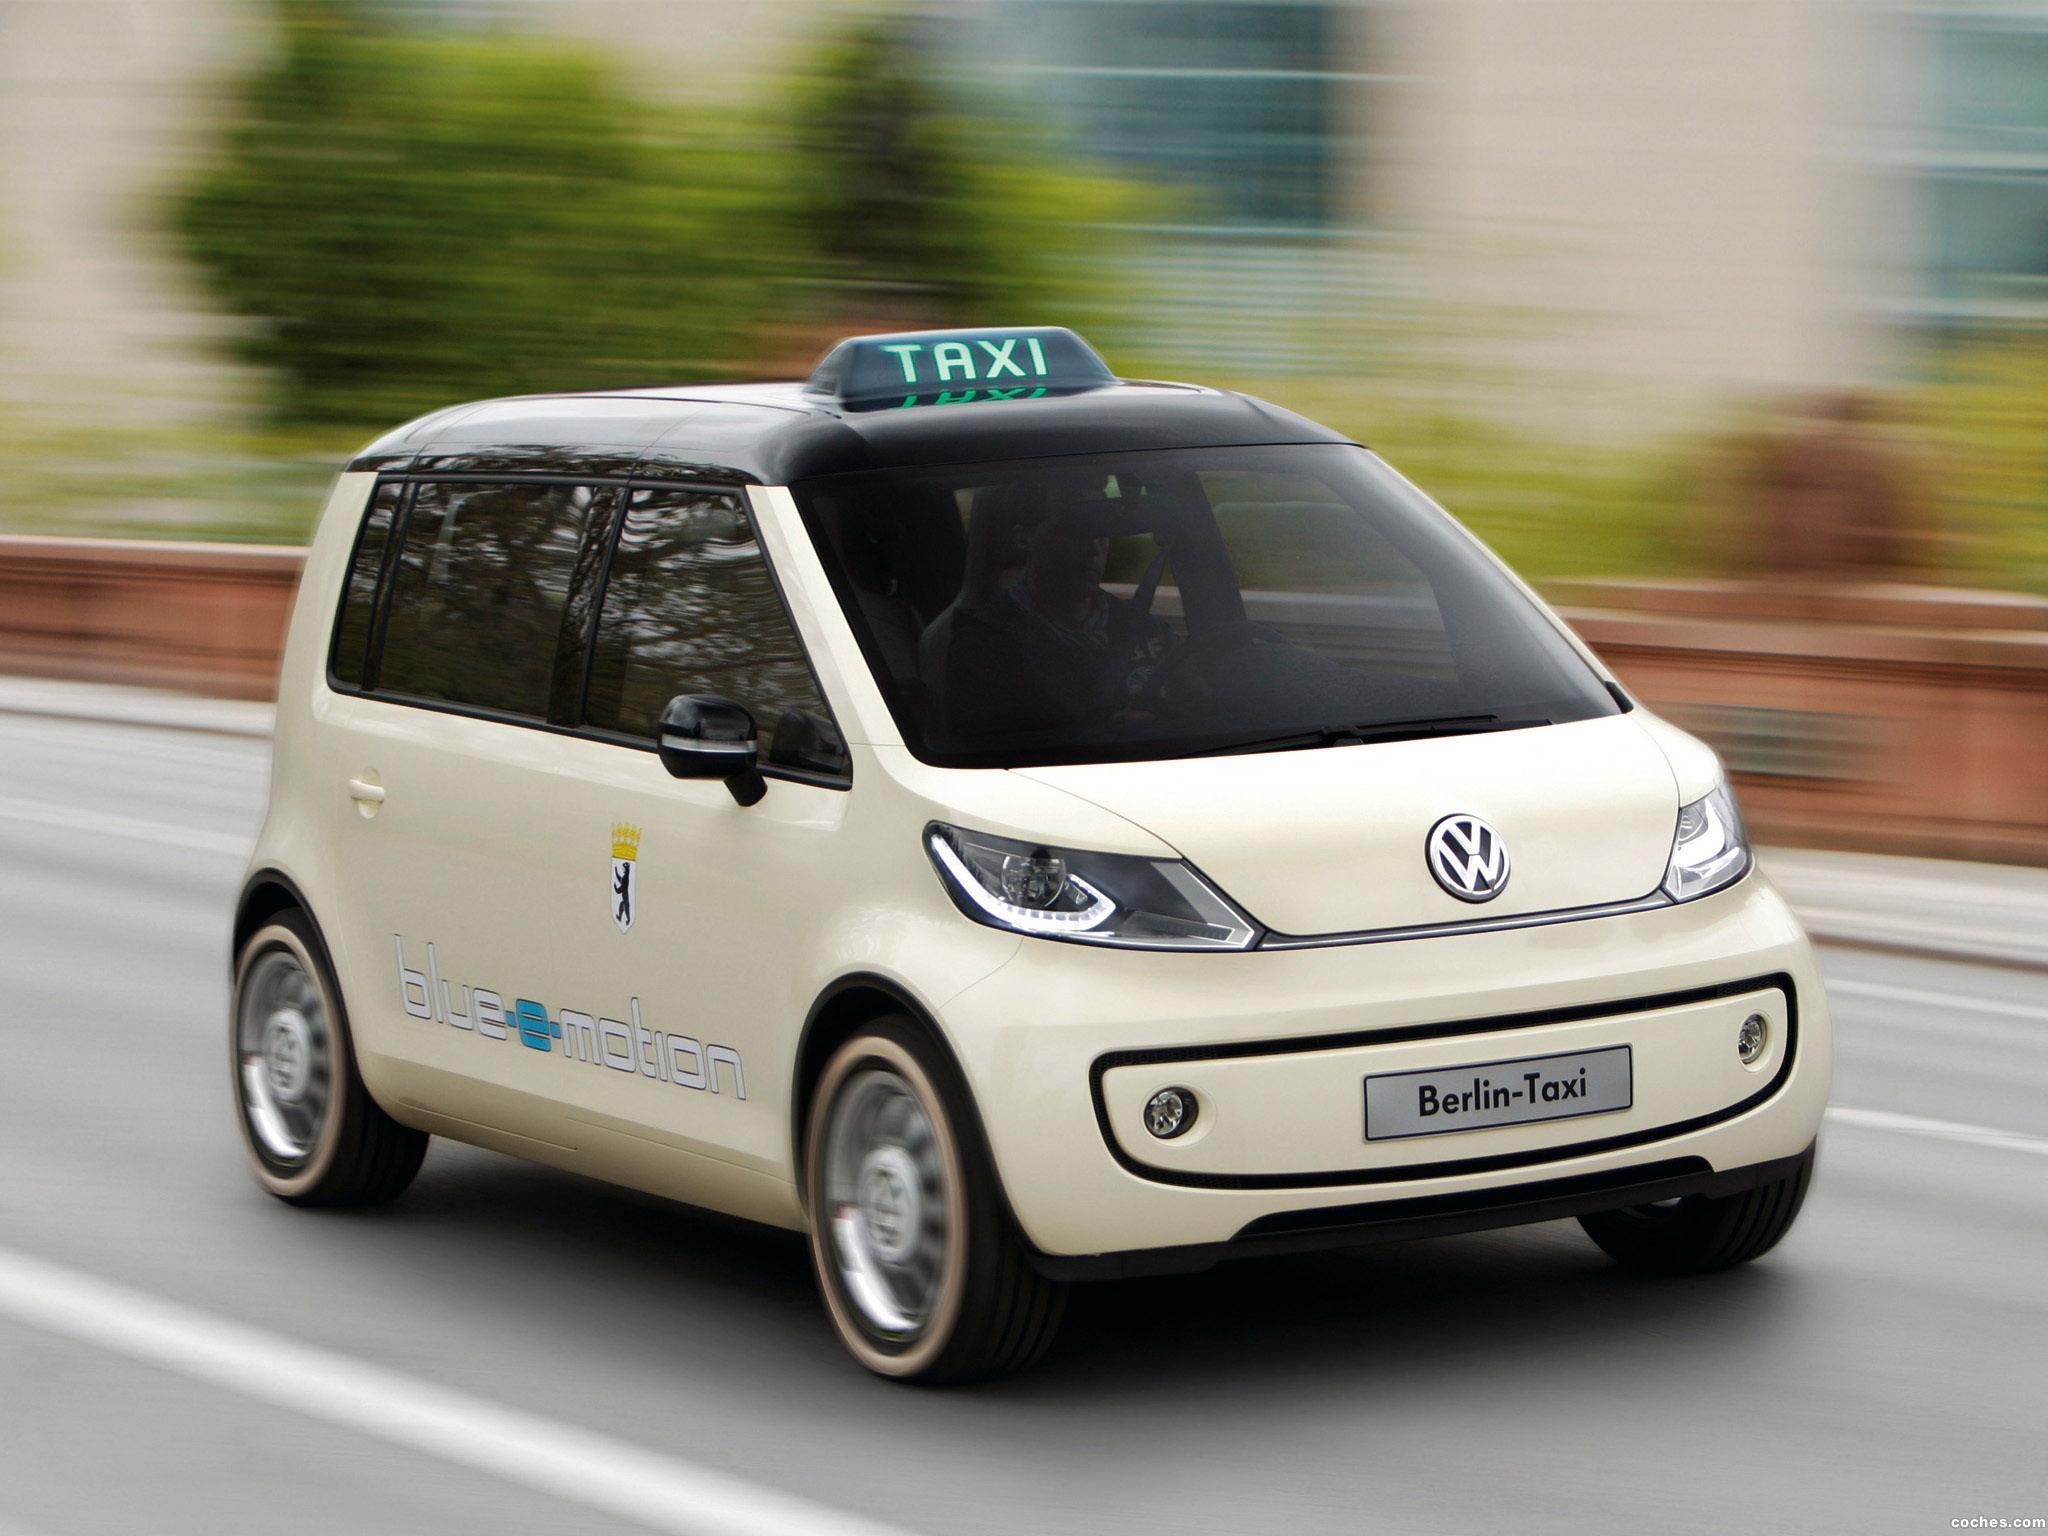 Foto 0 de Volkswagen Berlin Taxi Concept 2010